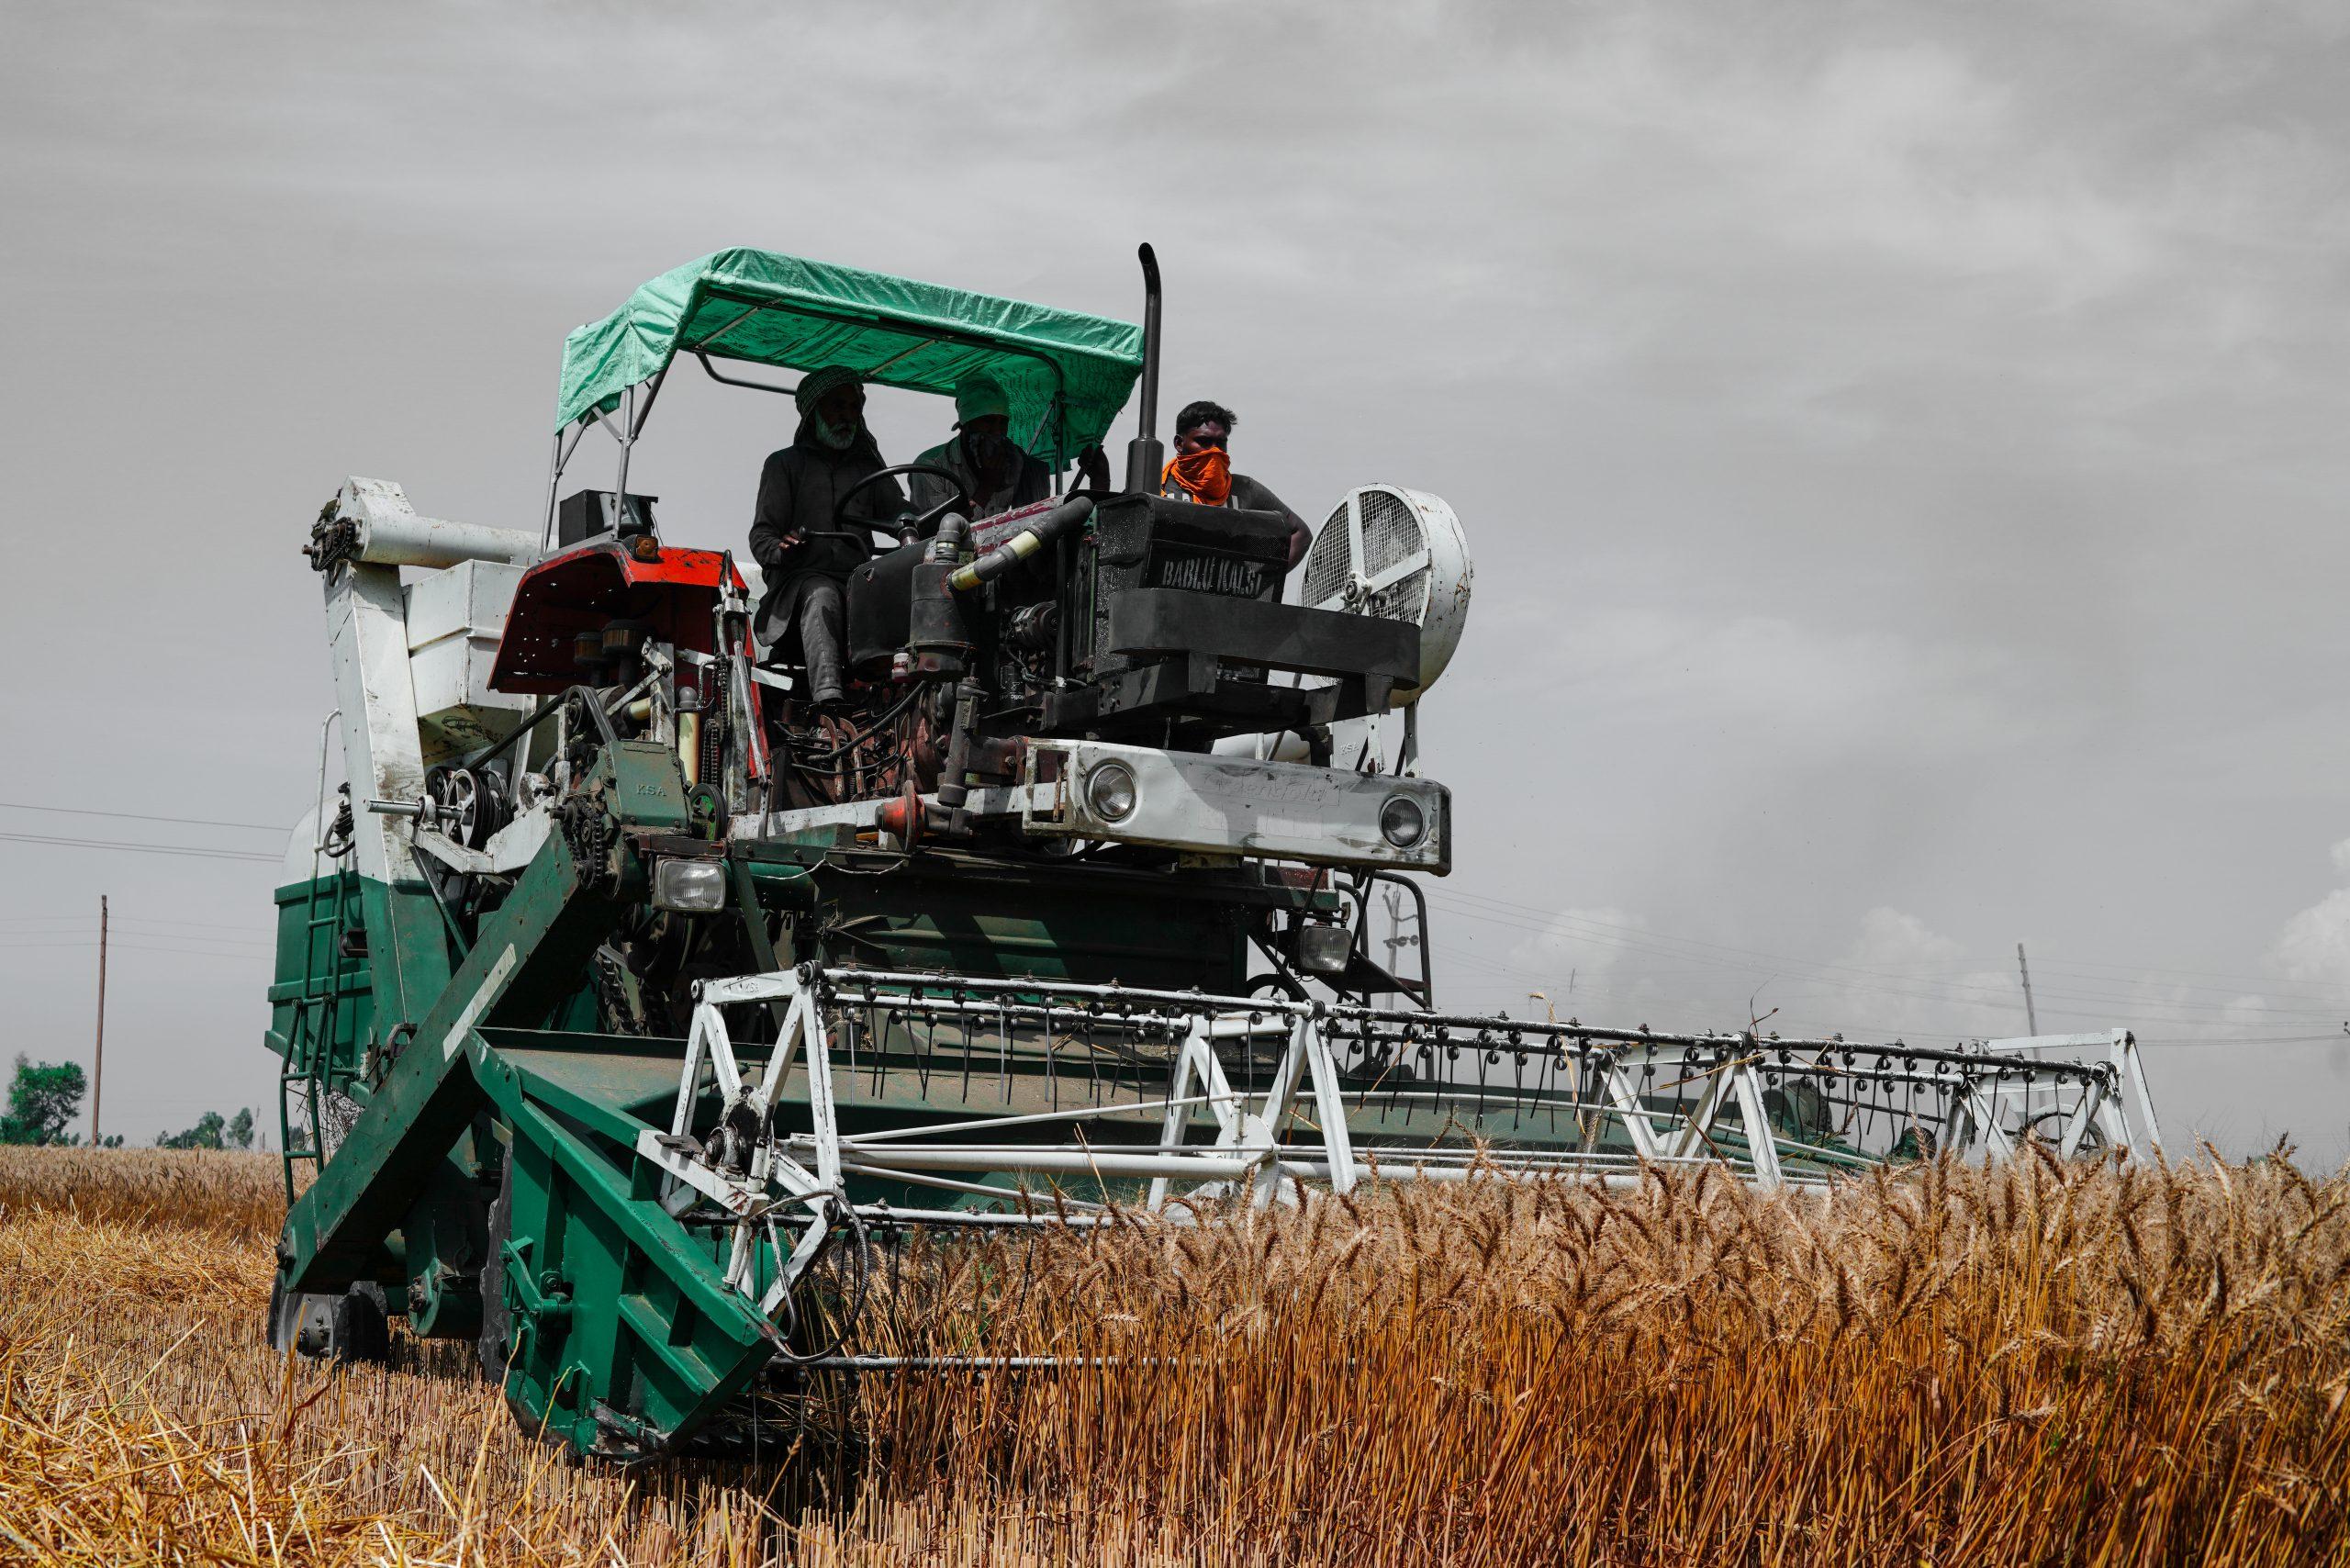 A wheat cutting machine